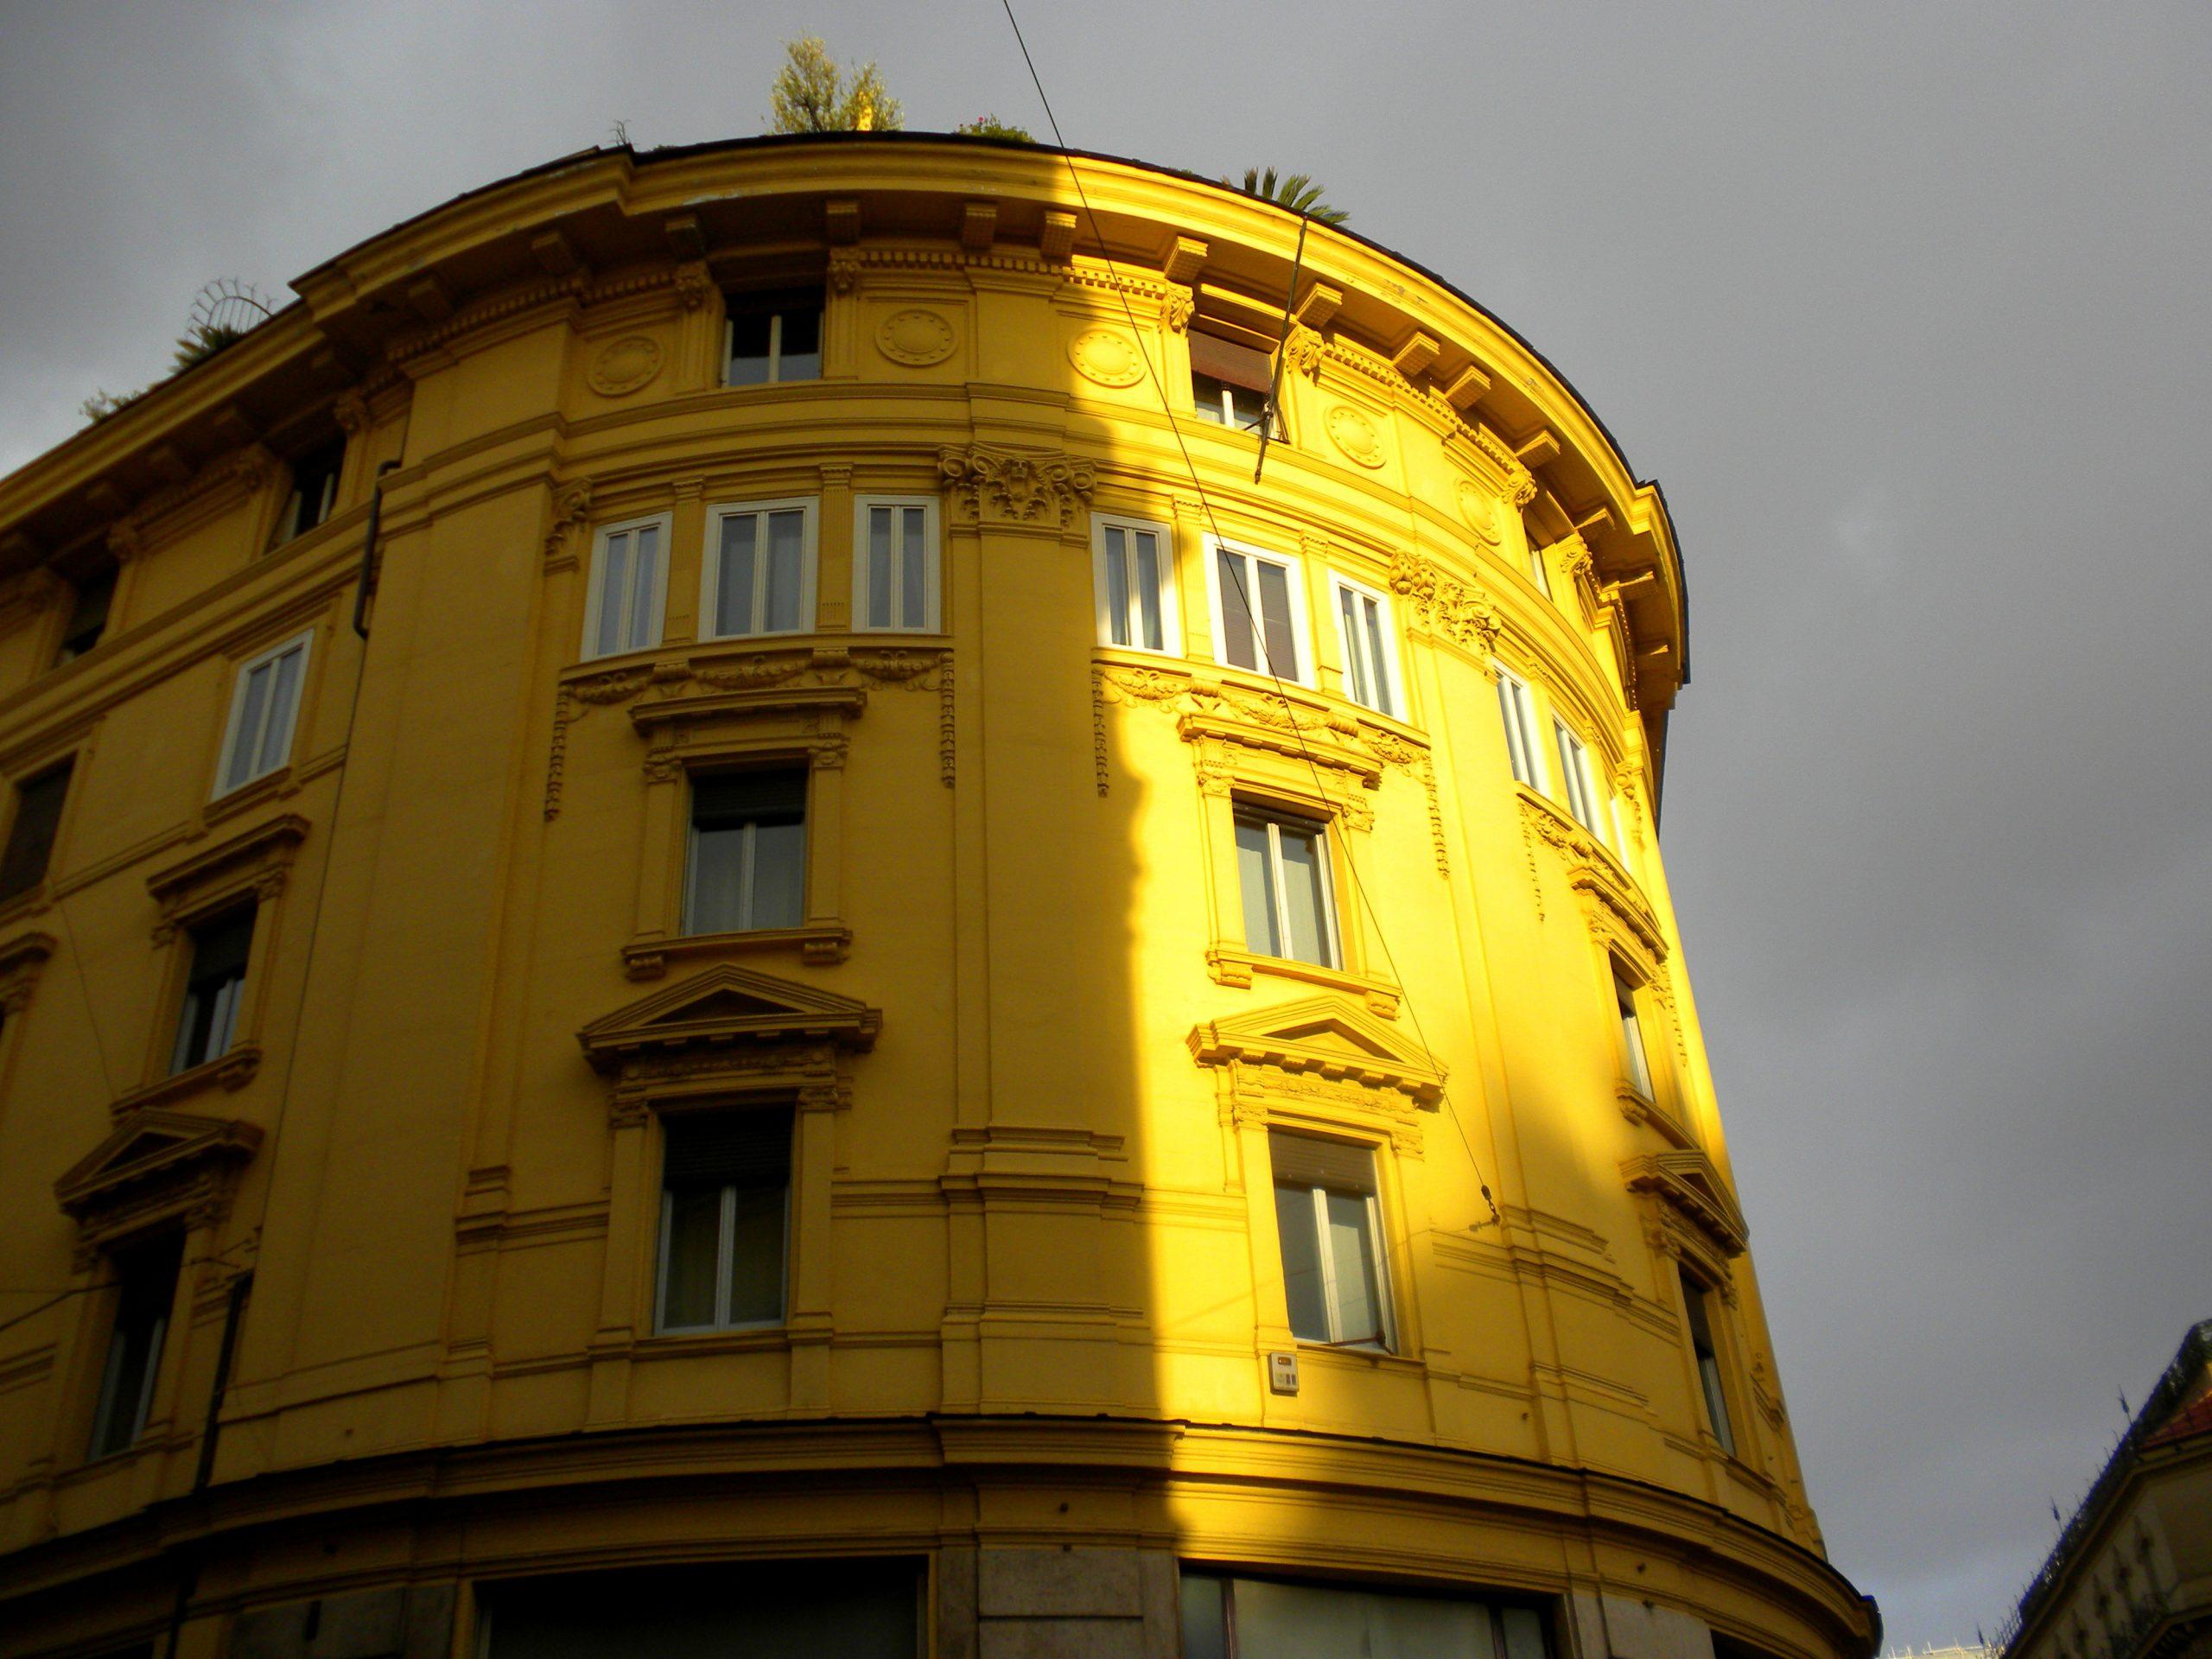 2009, Rome, Italy